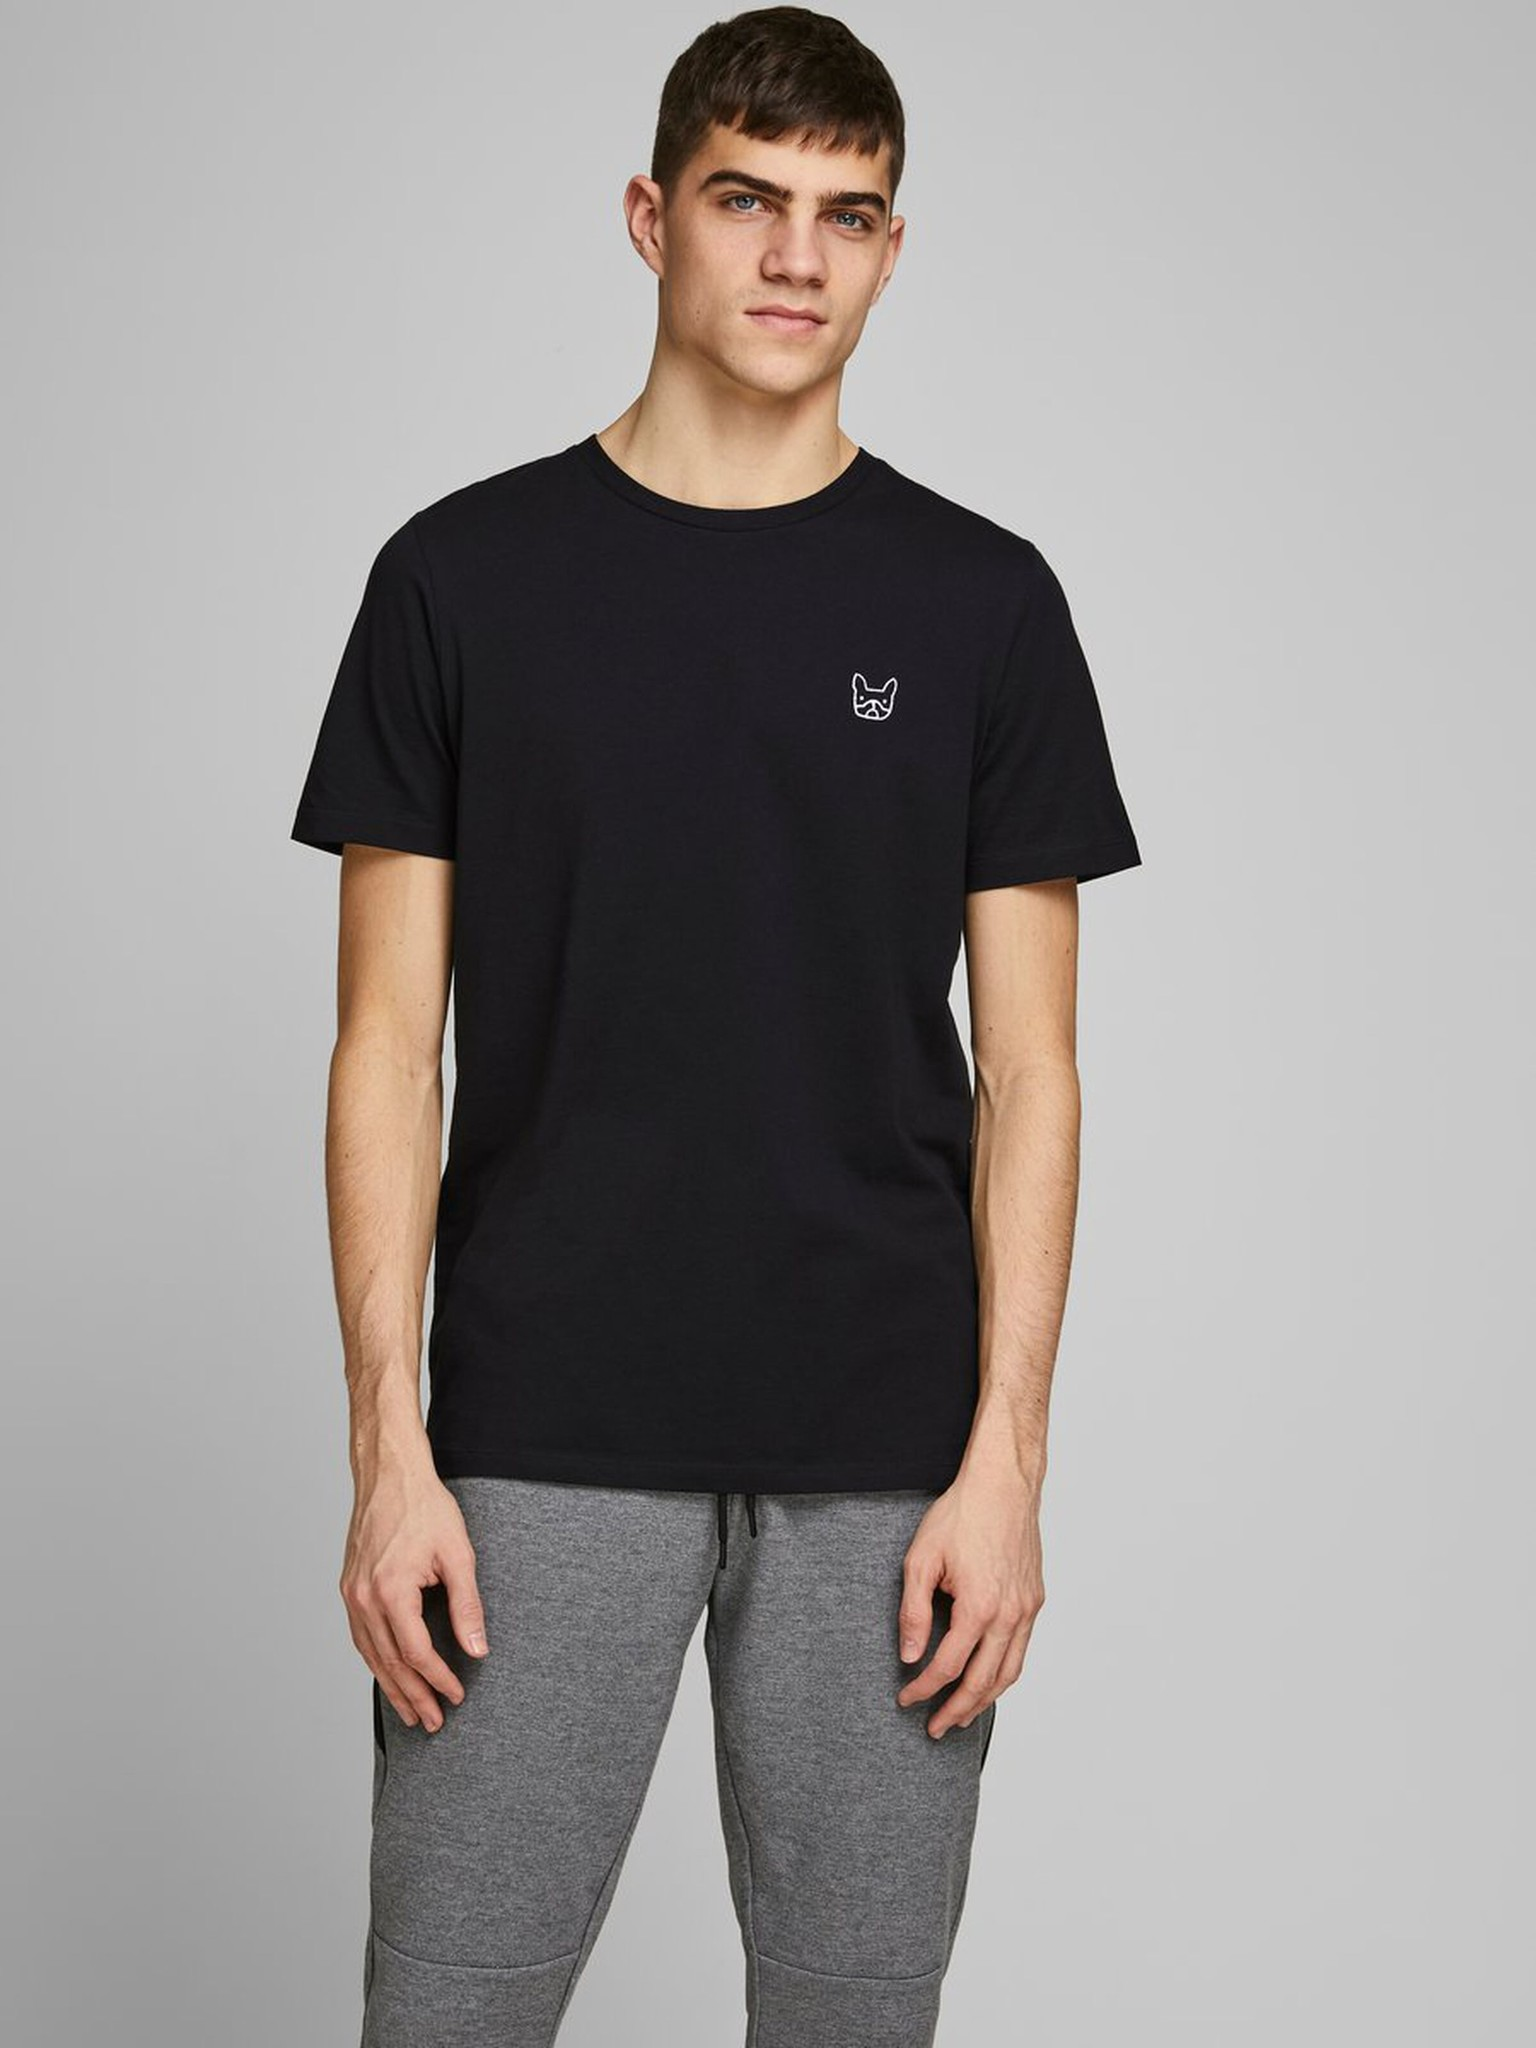 JACK & JONES coton biologique t shirt-8